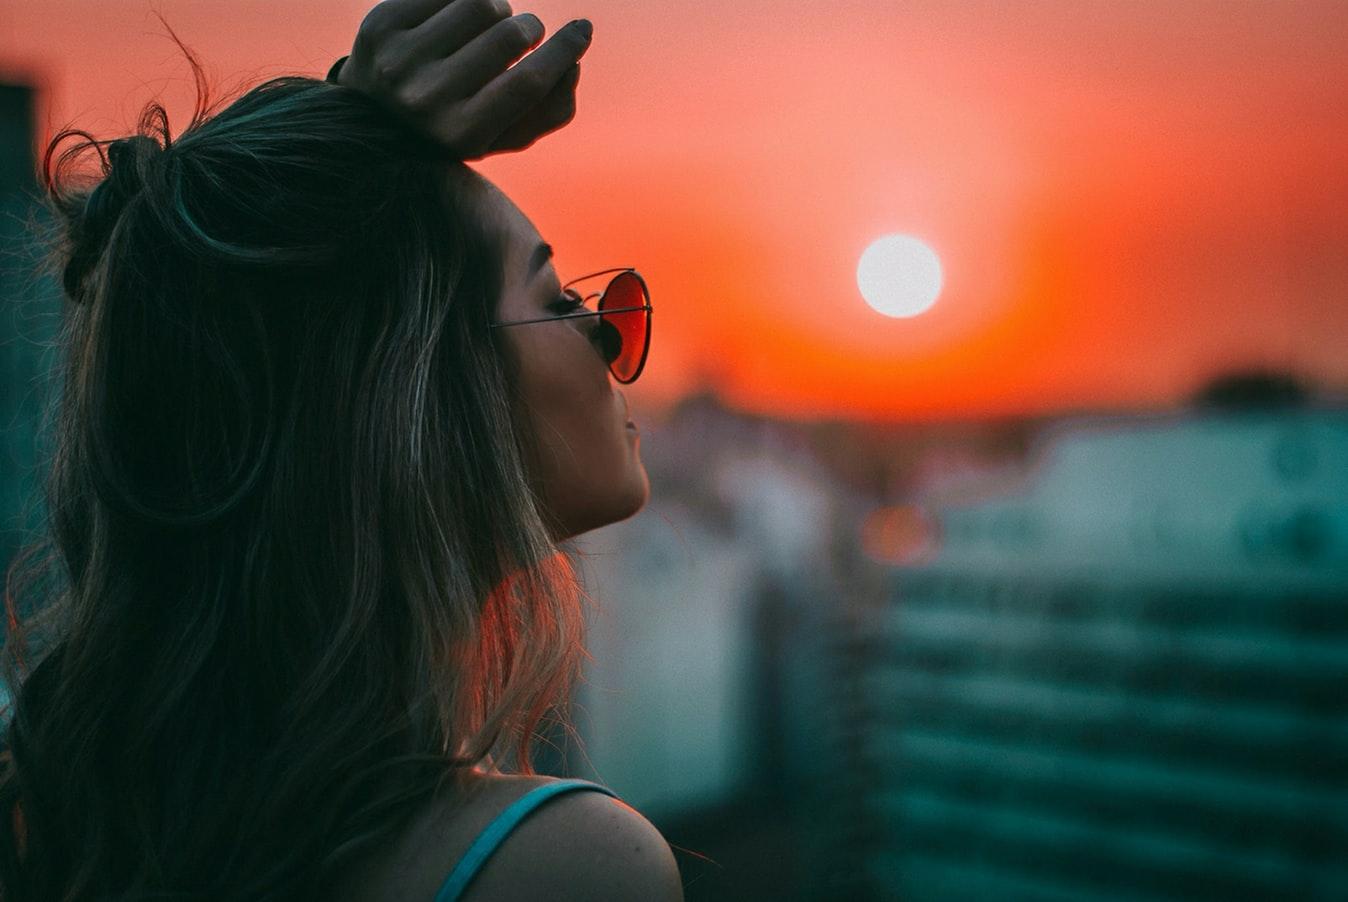 先放下情緒再處理,女孩看著夕陽